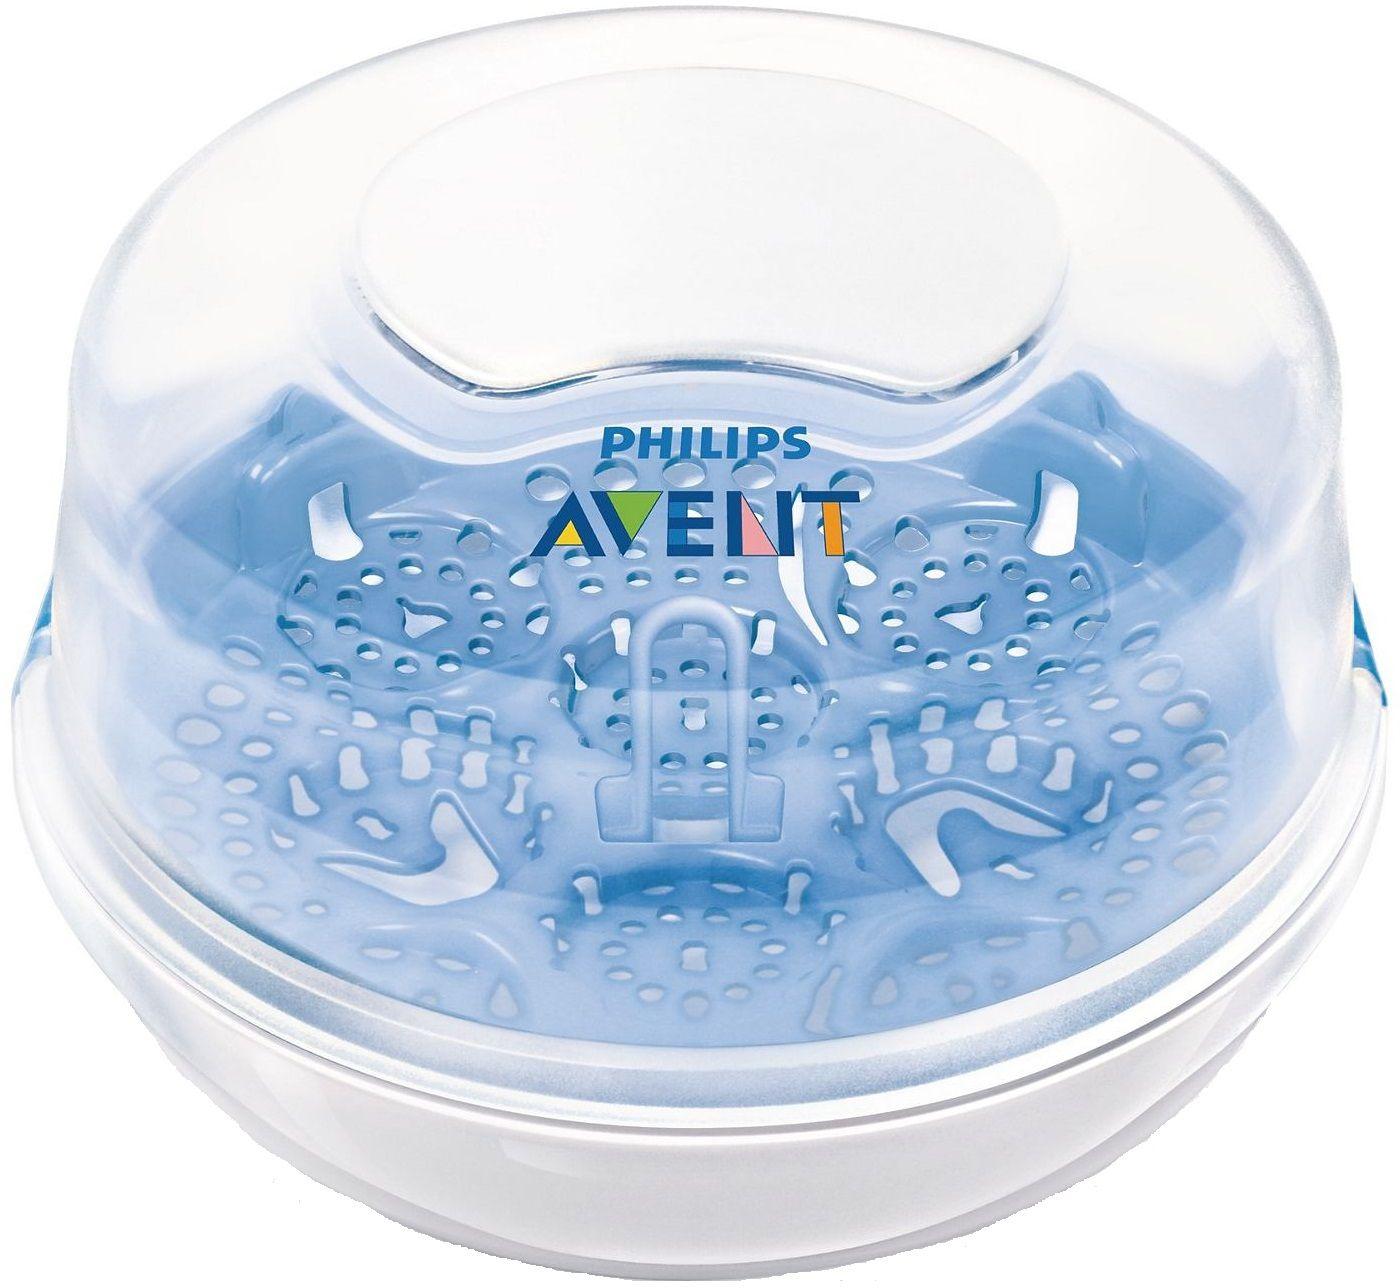 Купить Philips Avent Стерилизатор для СВЧ в интернет магазине. Цены, фото, описания, характеристики, отзывы, обзоры